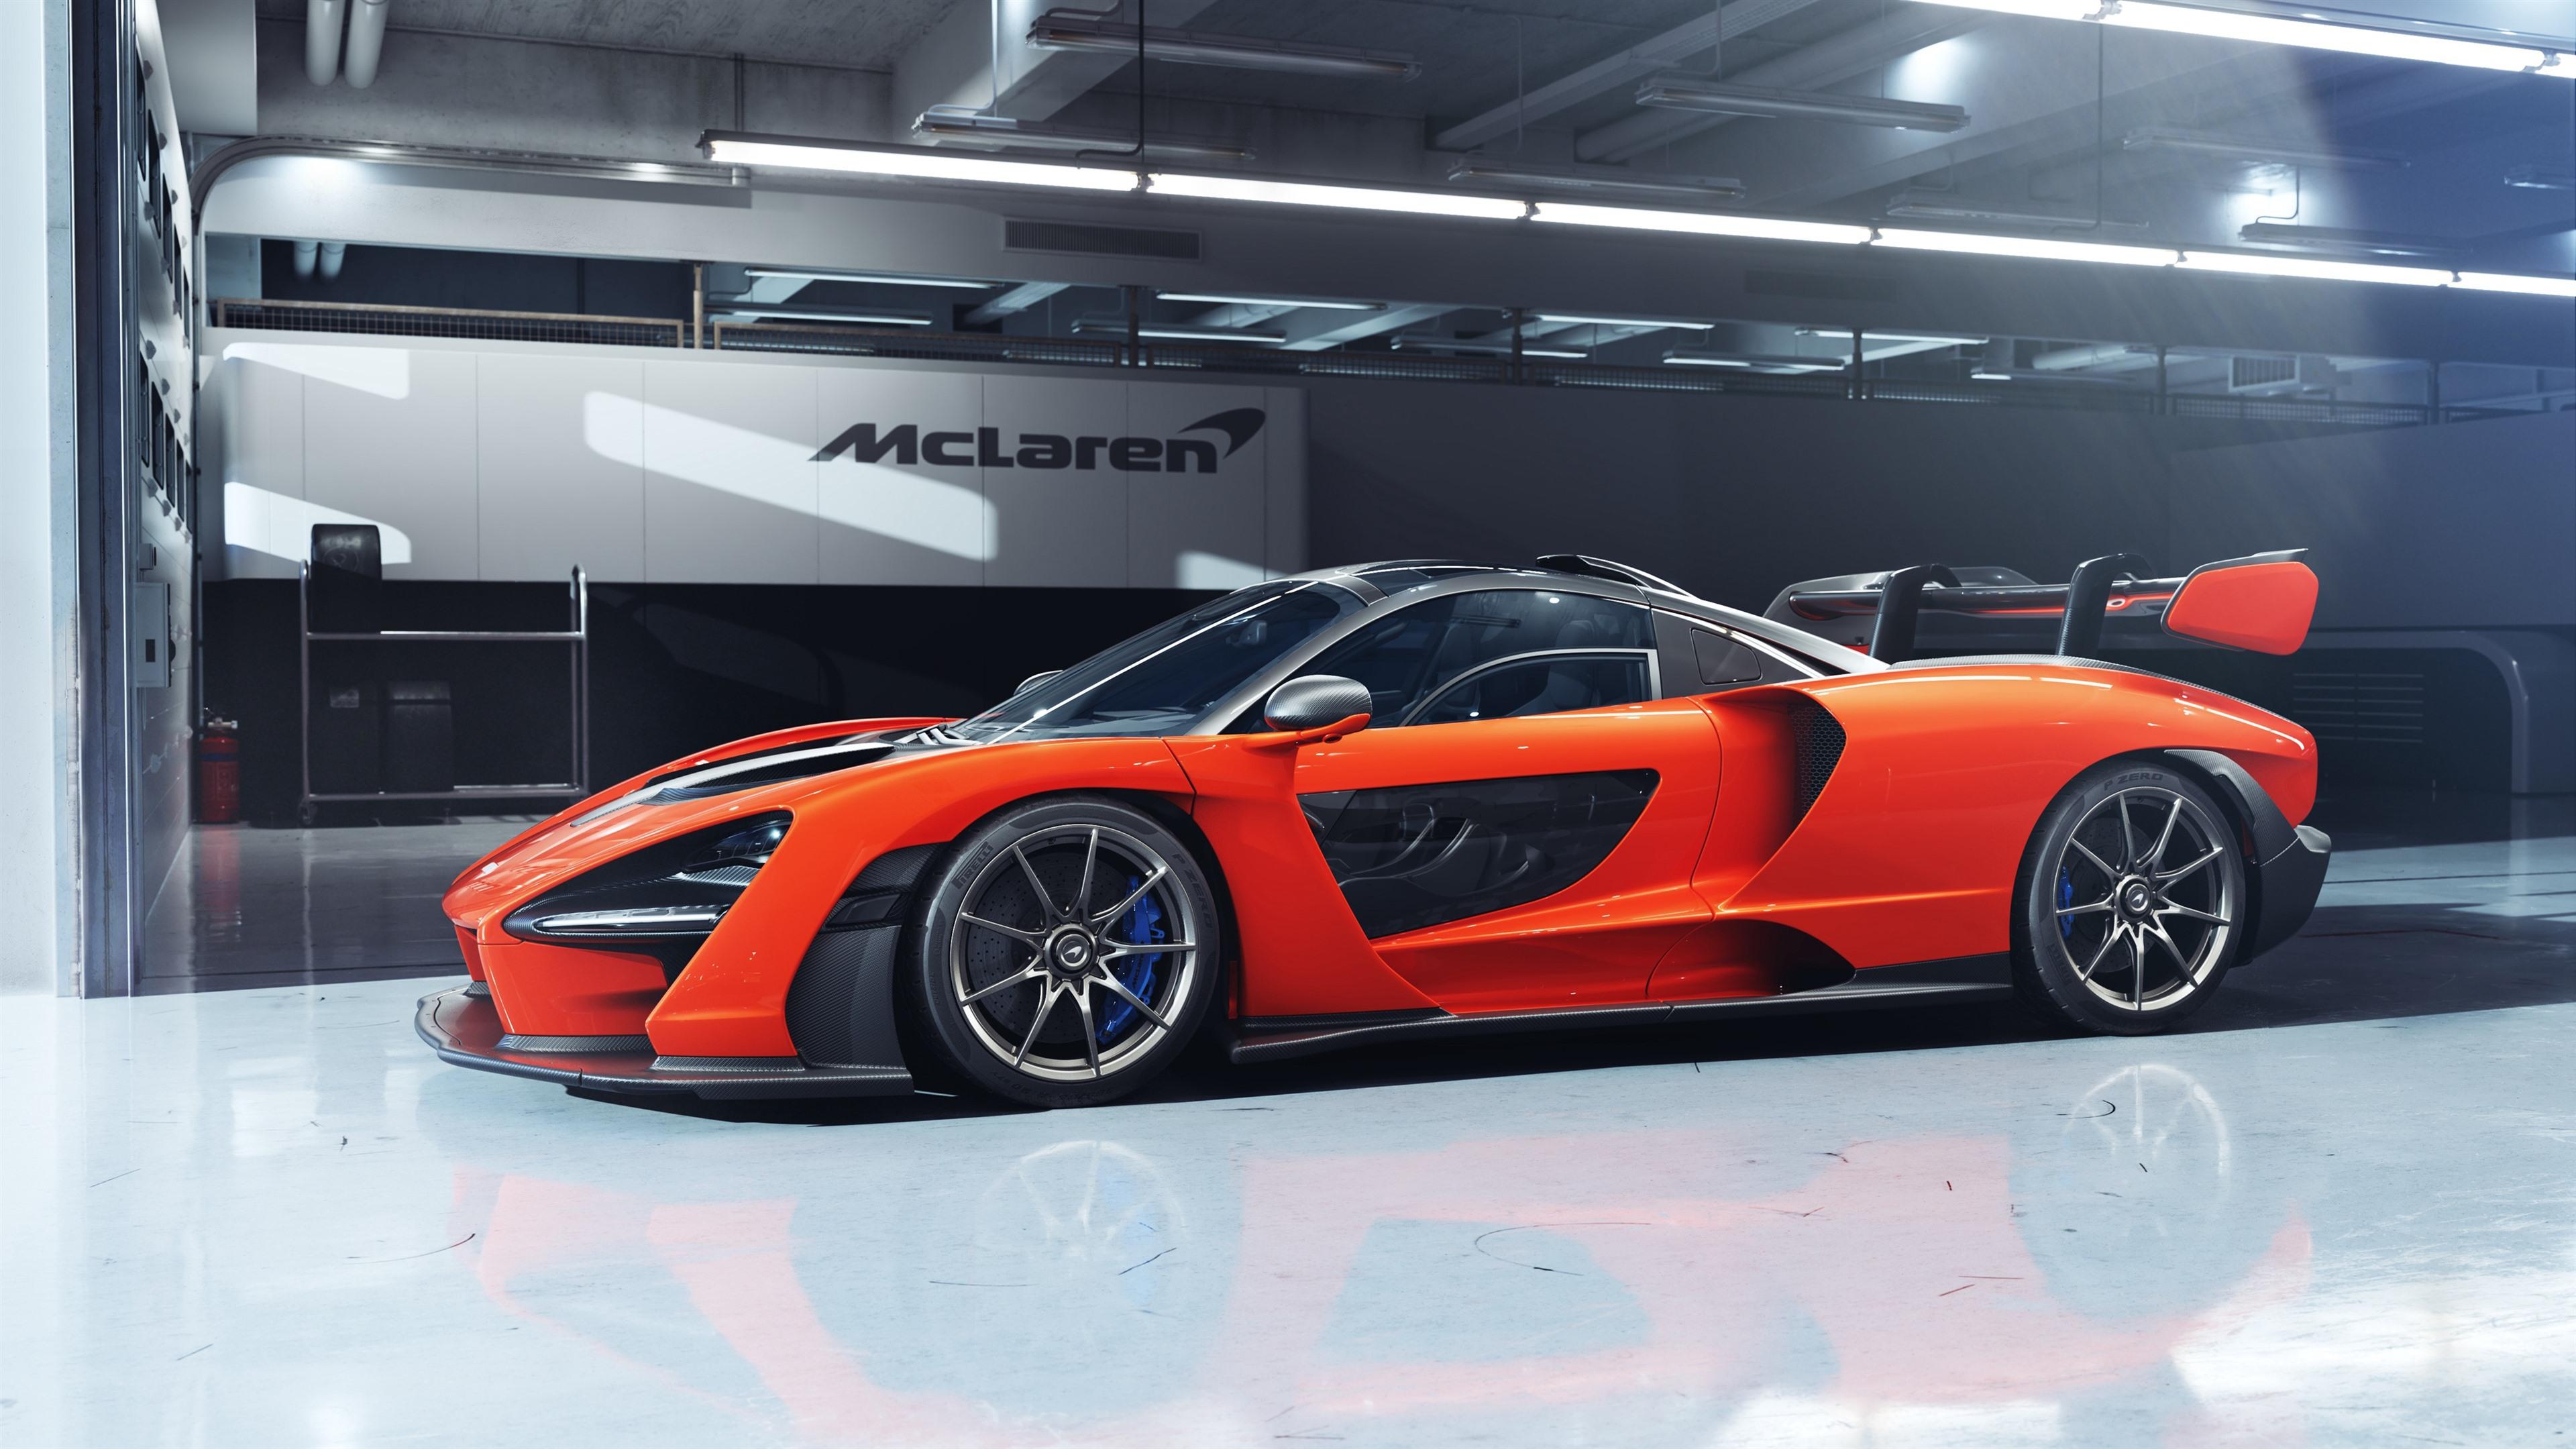 McLaren Senna orange supercar side